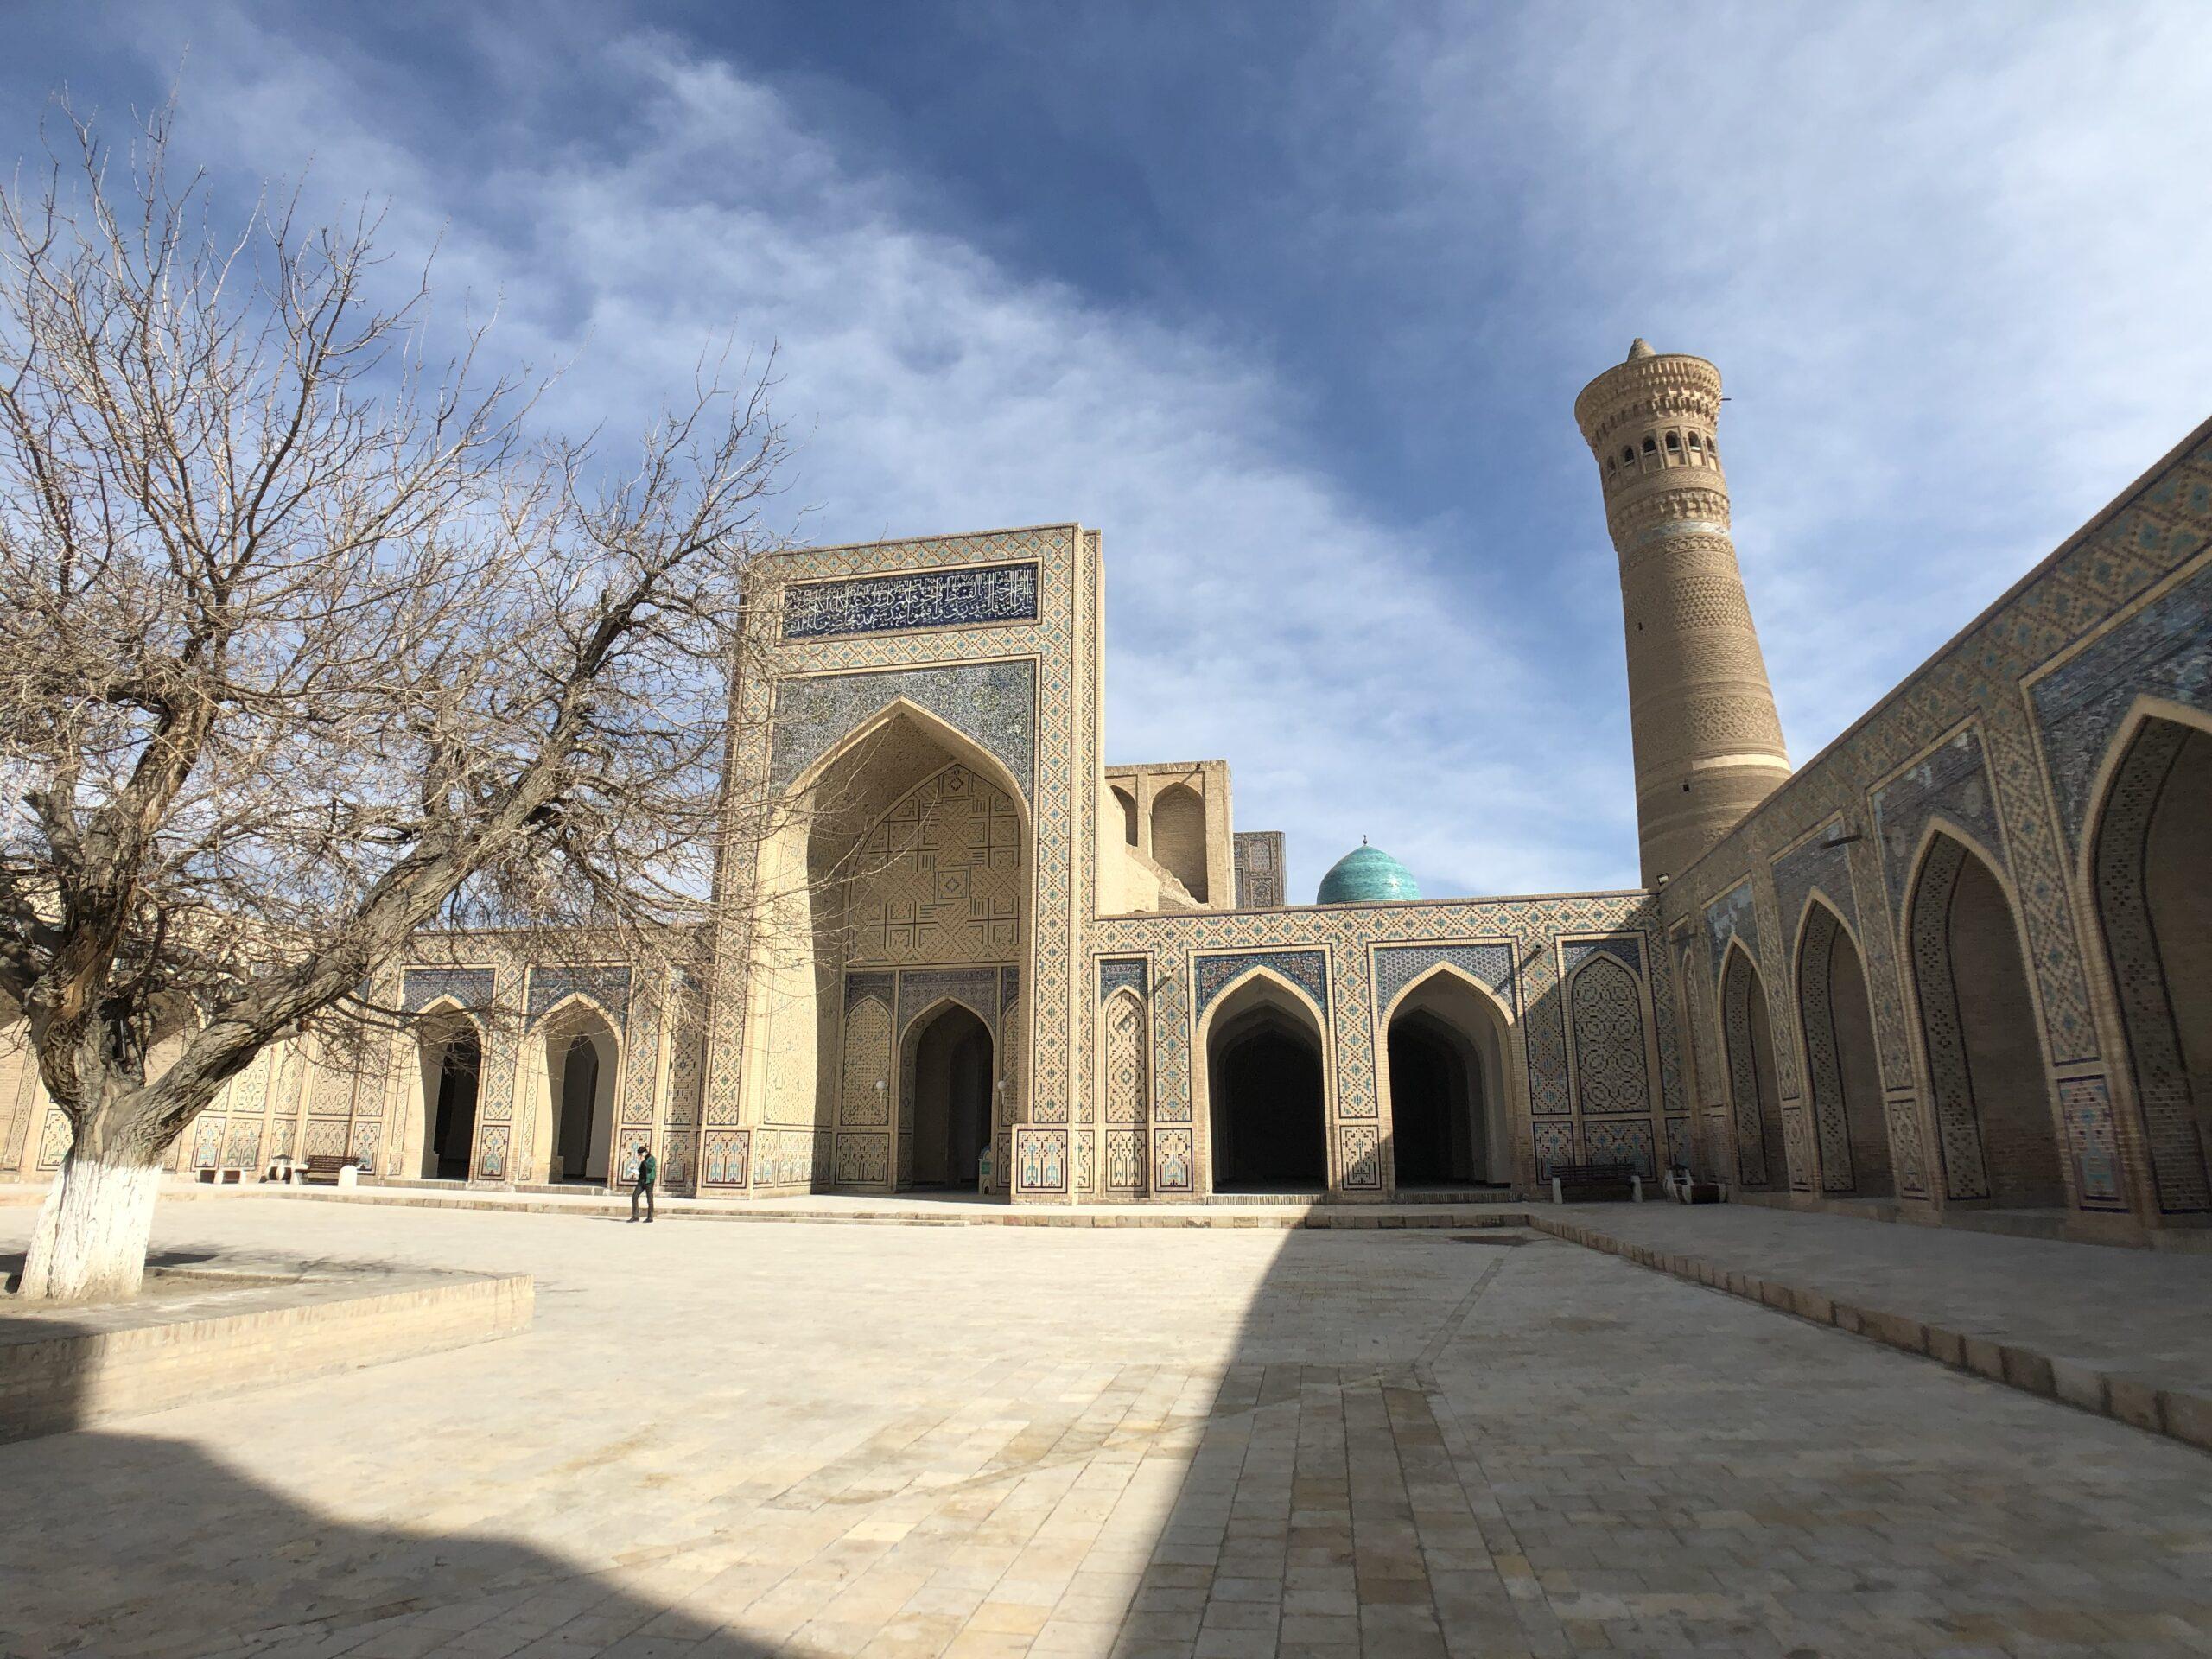 【ブハラ】ウズベキスタンの世界遺産の街ブハラの観光スポットを紹介します!